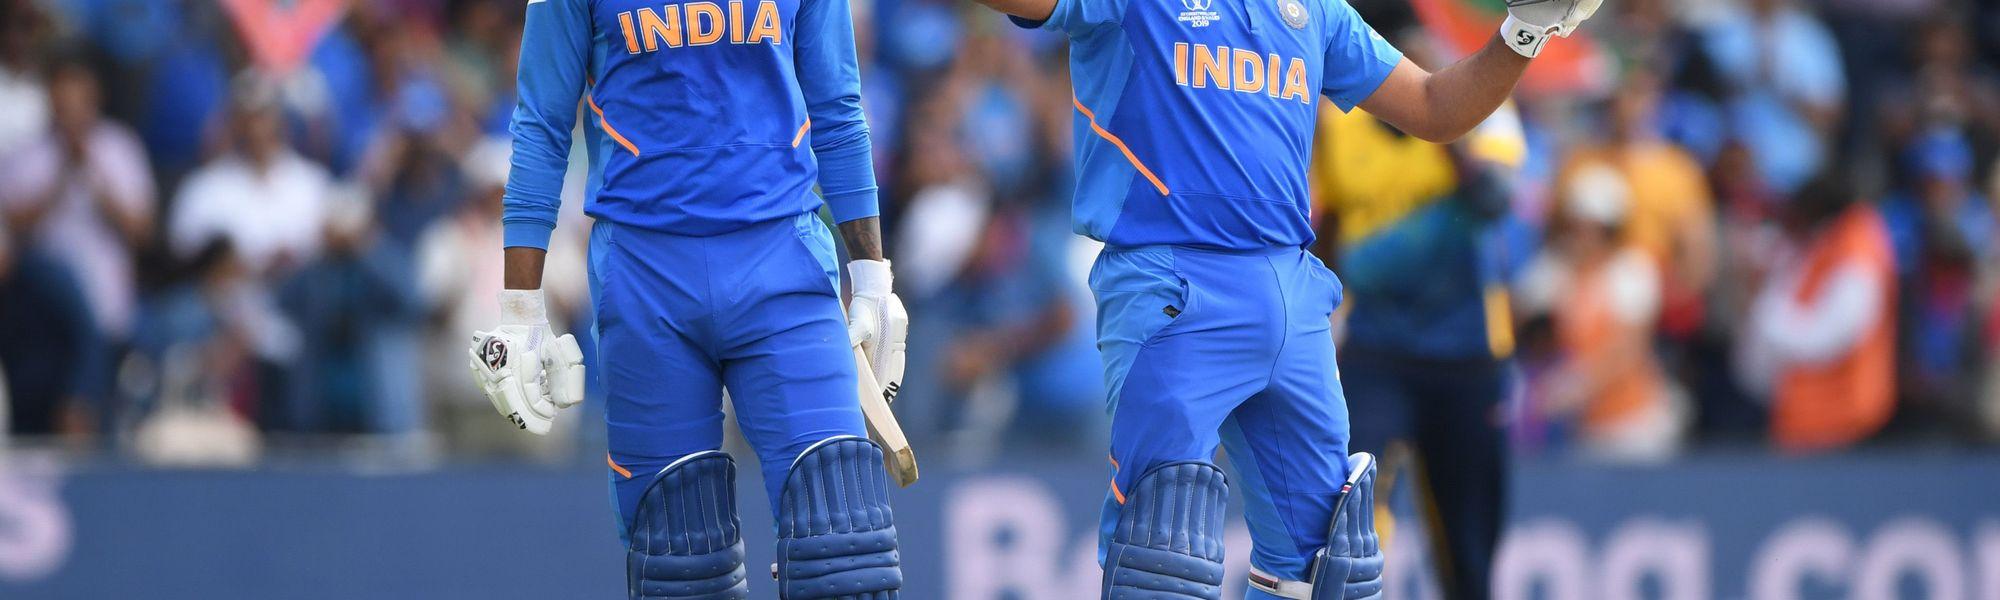 Rohit Sharma celebrates a century against Sri Lanka at Headingley